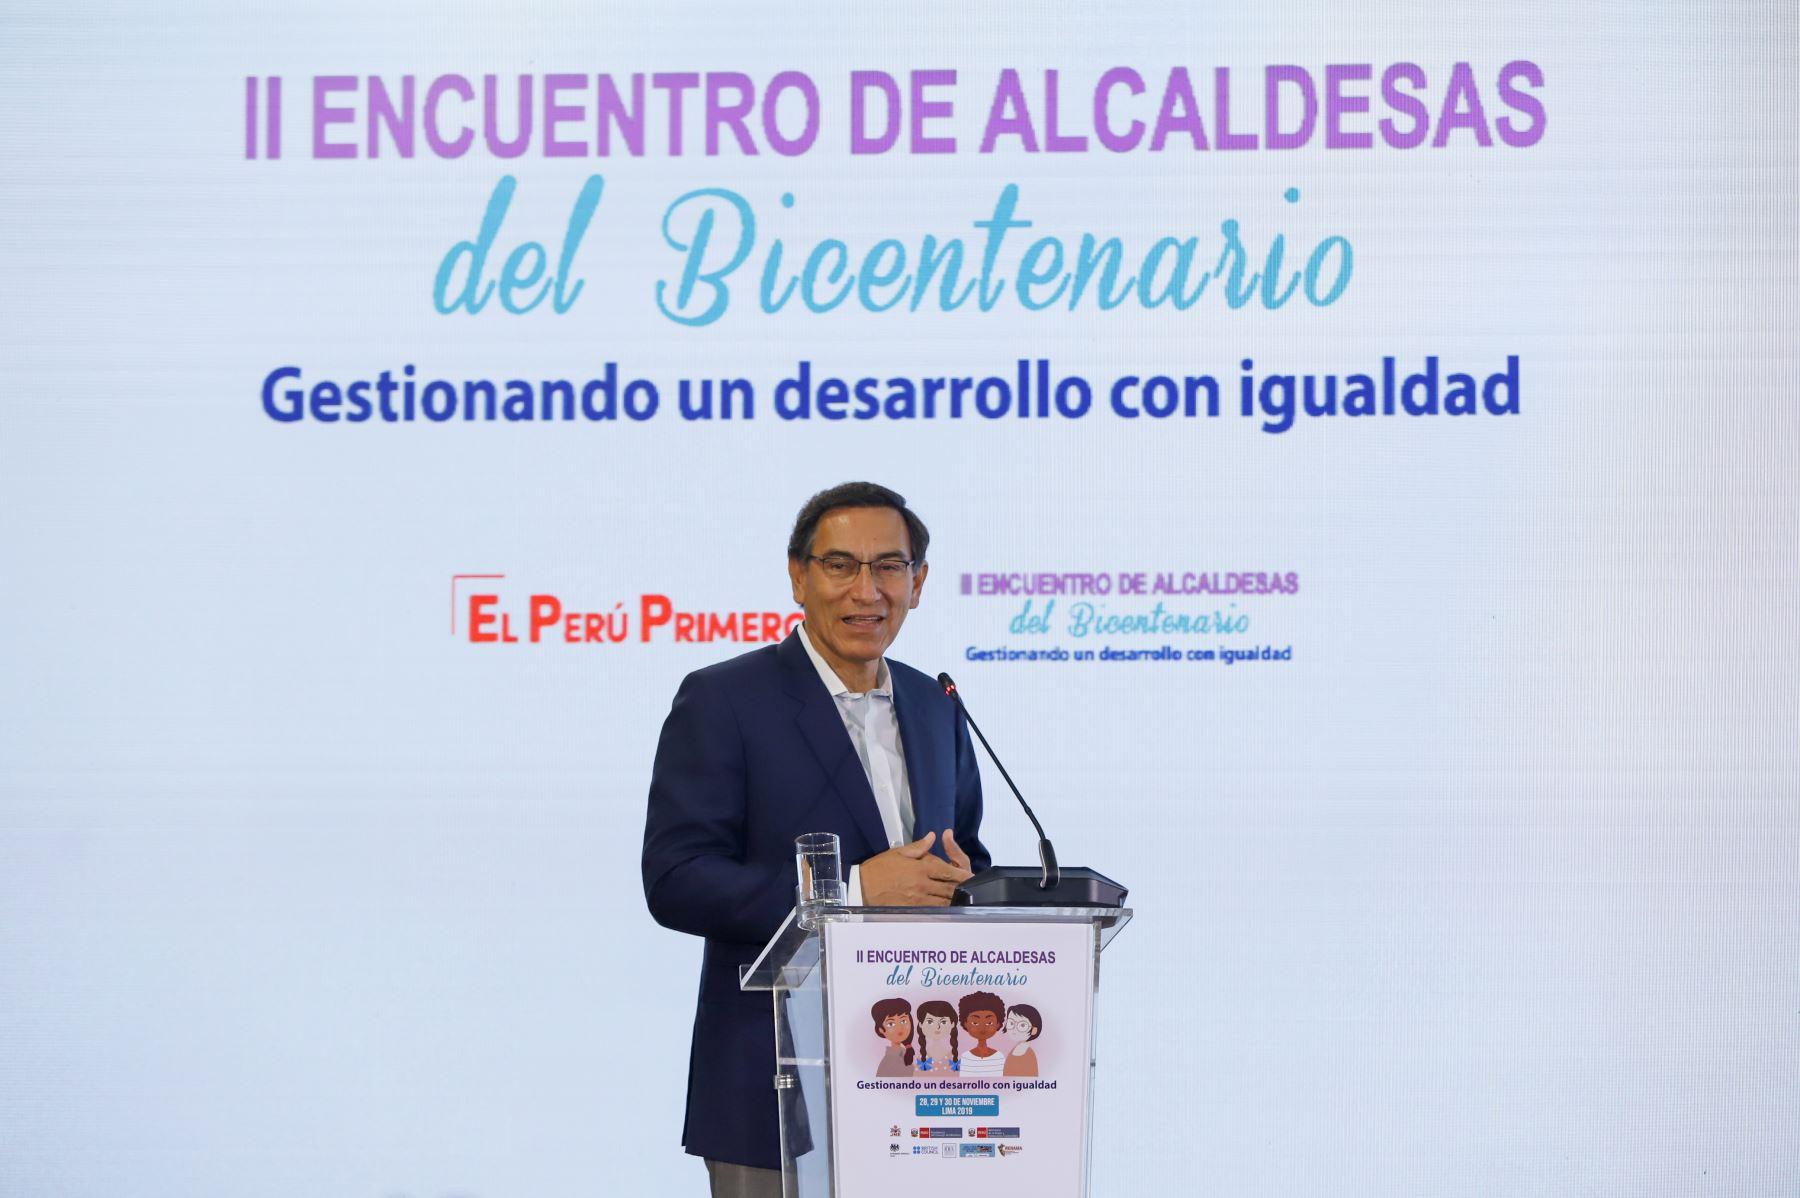 Presidente de la República participó en el II Encuentro de Alcaldesas del Bicentenario: Gestionando un Desarrollo con Igualdad de Género.Foto: ANDINA/Prensa Presidencia